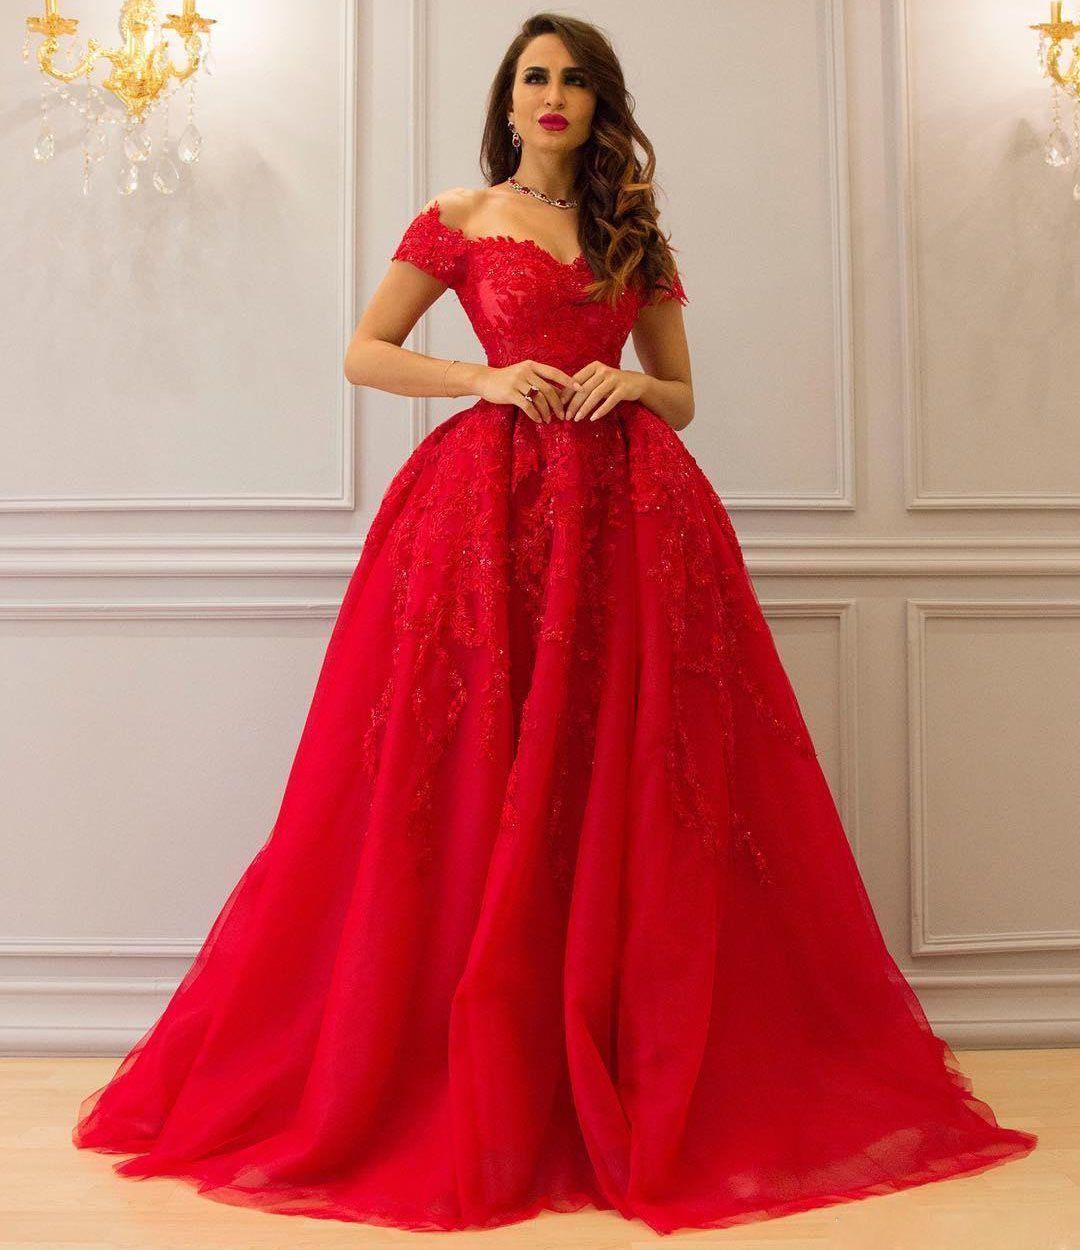 Großhandel Rot 8 Ballkleid Spitze Abendkleider Applikationen Perlen  Schulterfrei Ausschnitt Abendkleid Bodenlangen Lange Formale Abendkleider  Von